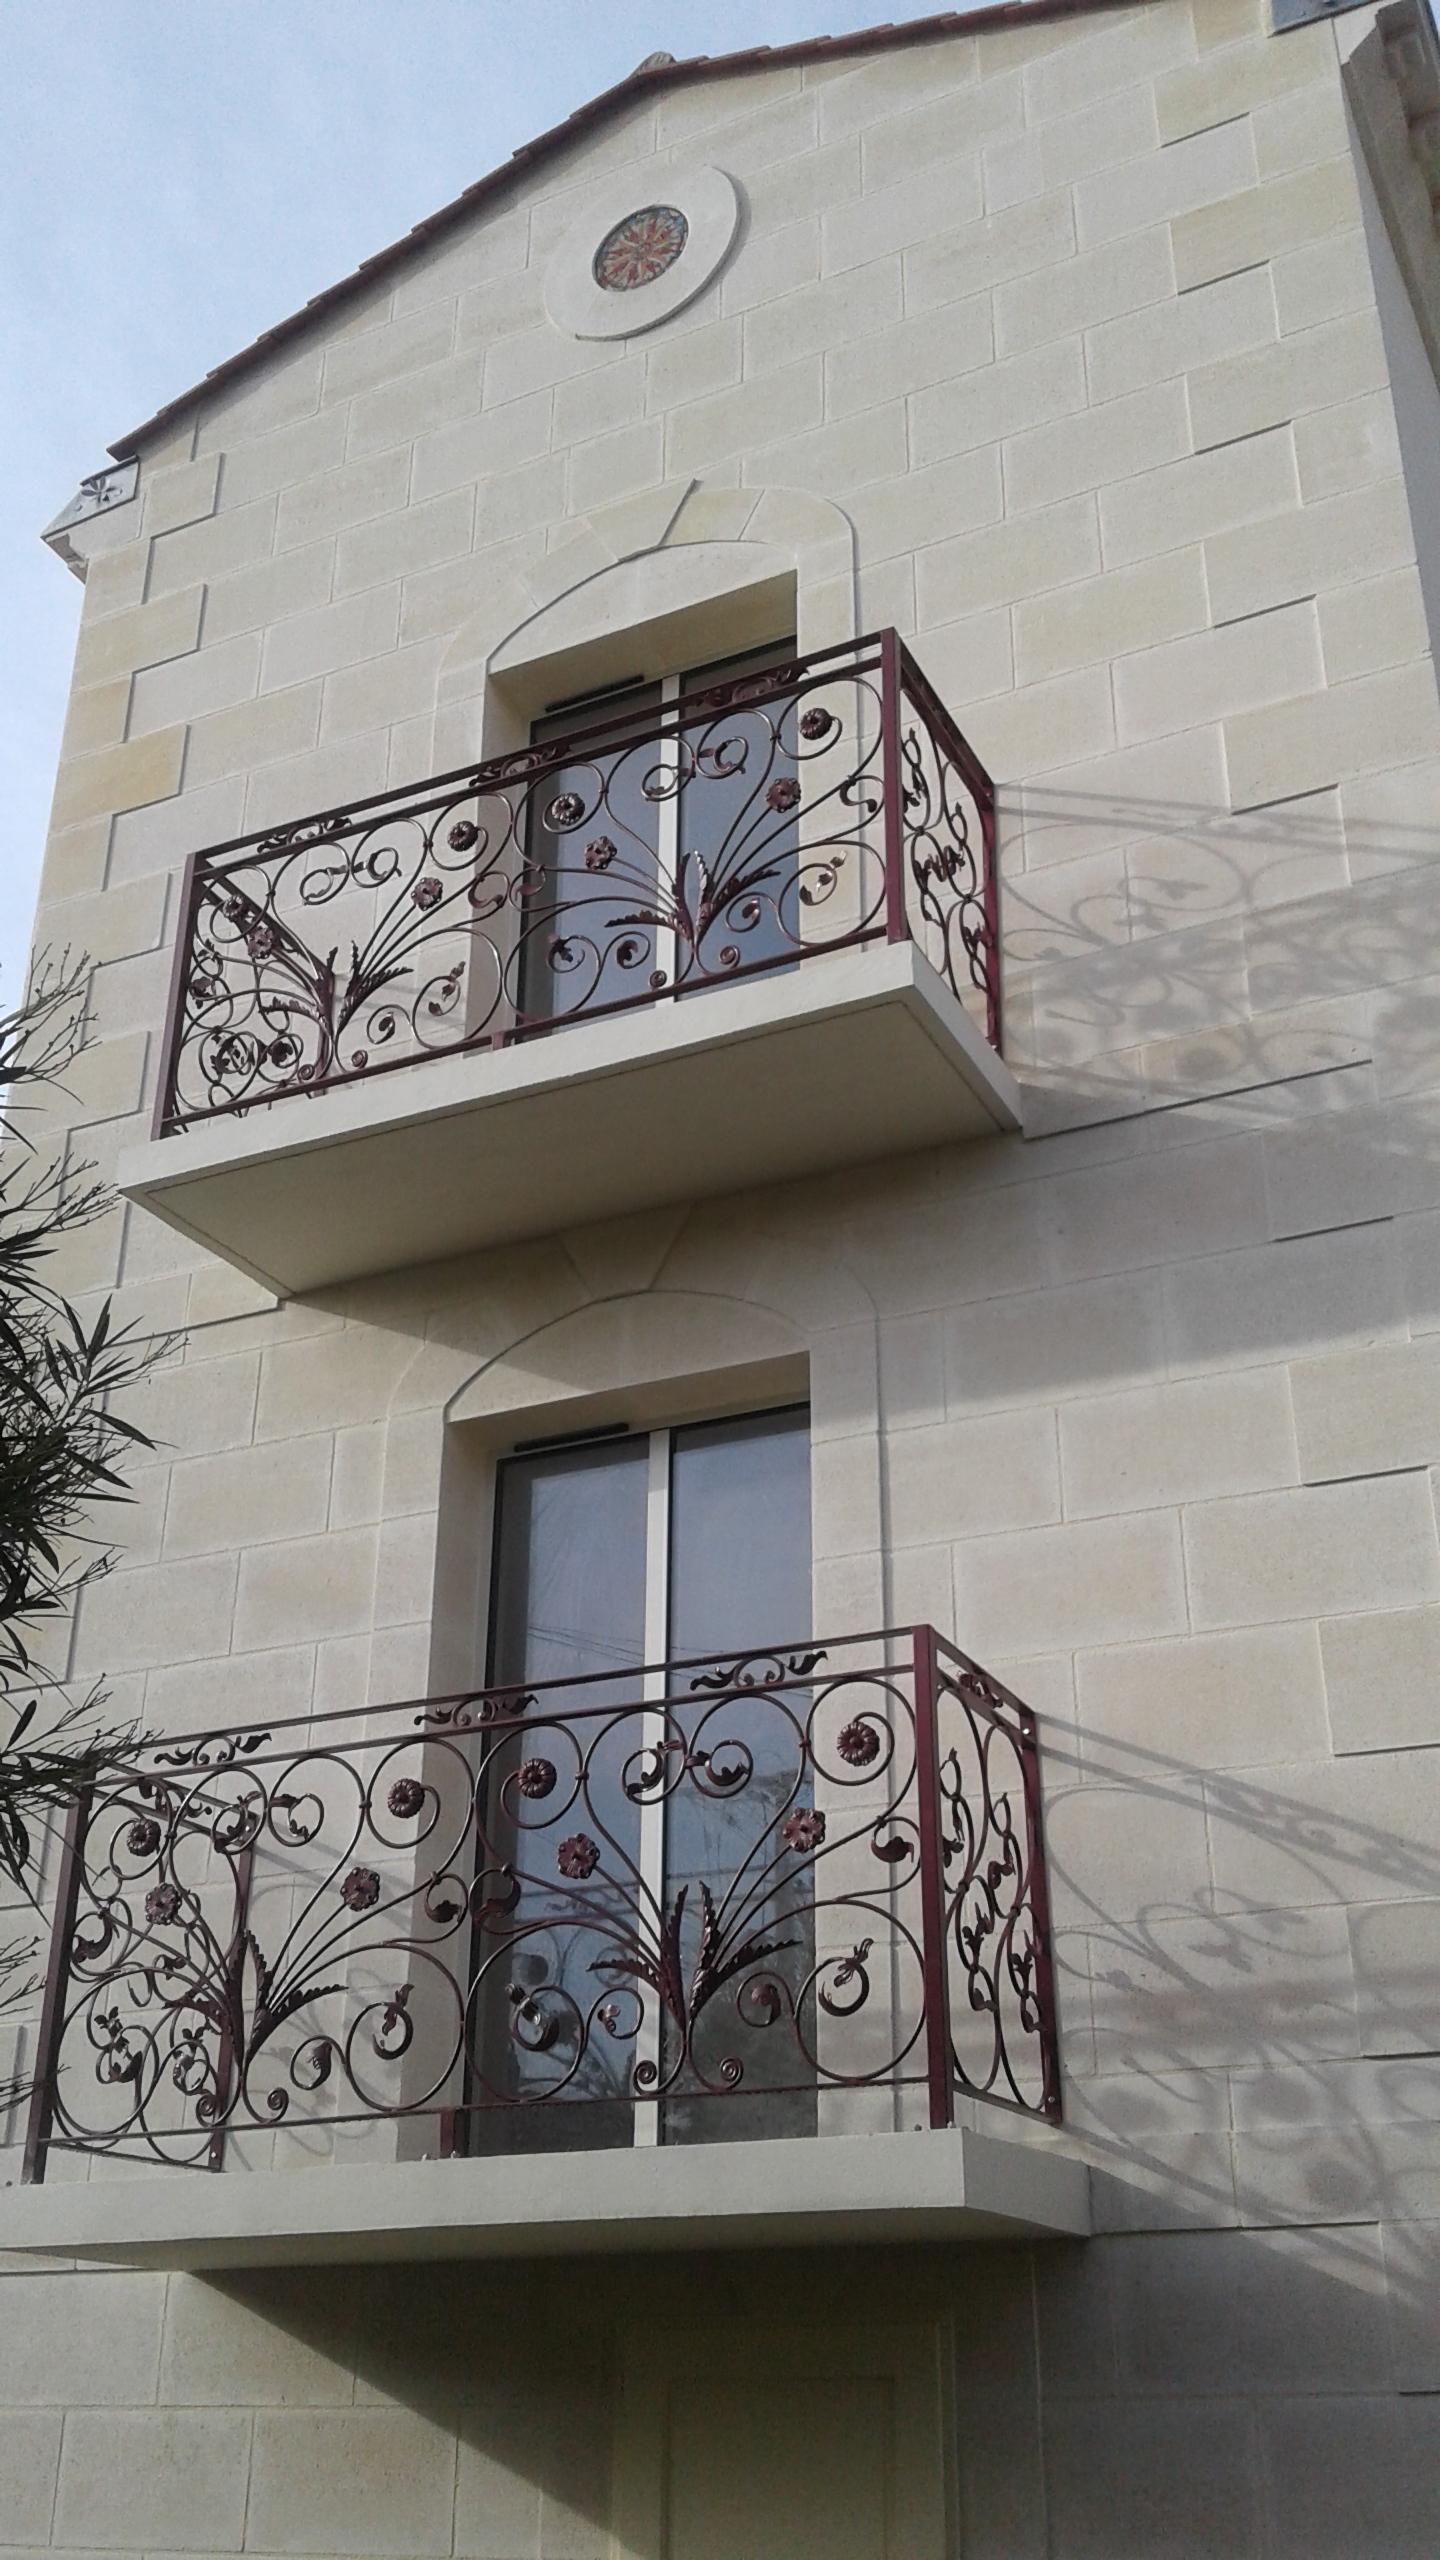 A la demande de notre client nous avons fabriqué sur mesure deux garde corps de protection balcon avec décors de notre gamme en finition  thermolaque ral 3005  - fabrication avec montage à visser par le client sans soudure -  Localisation  Gironde